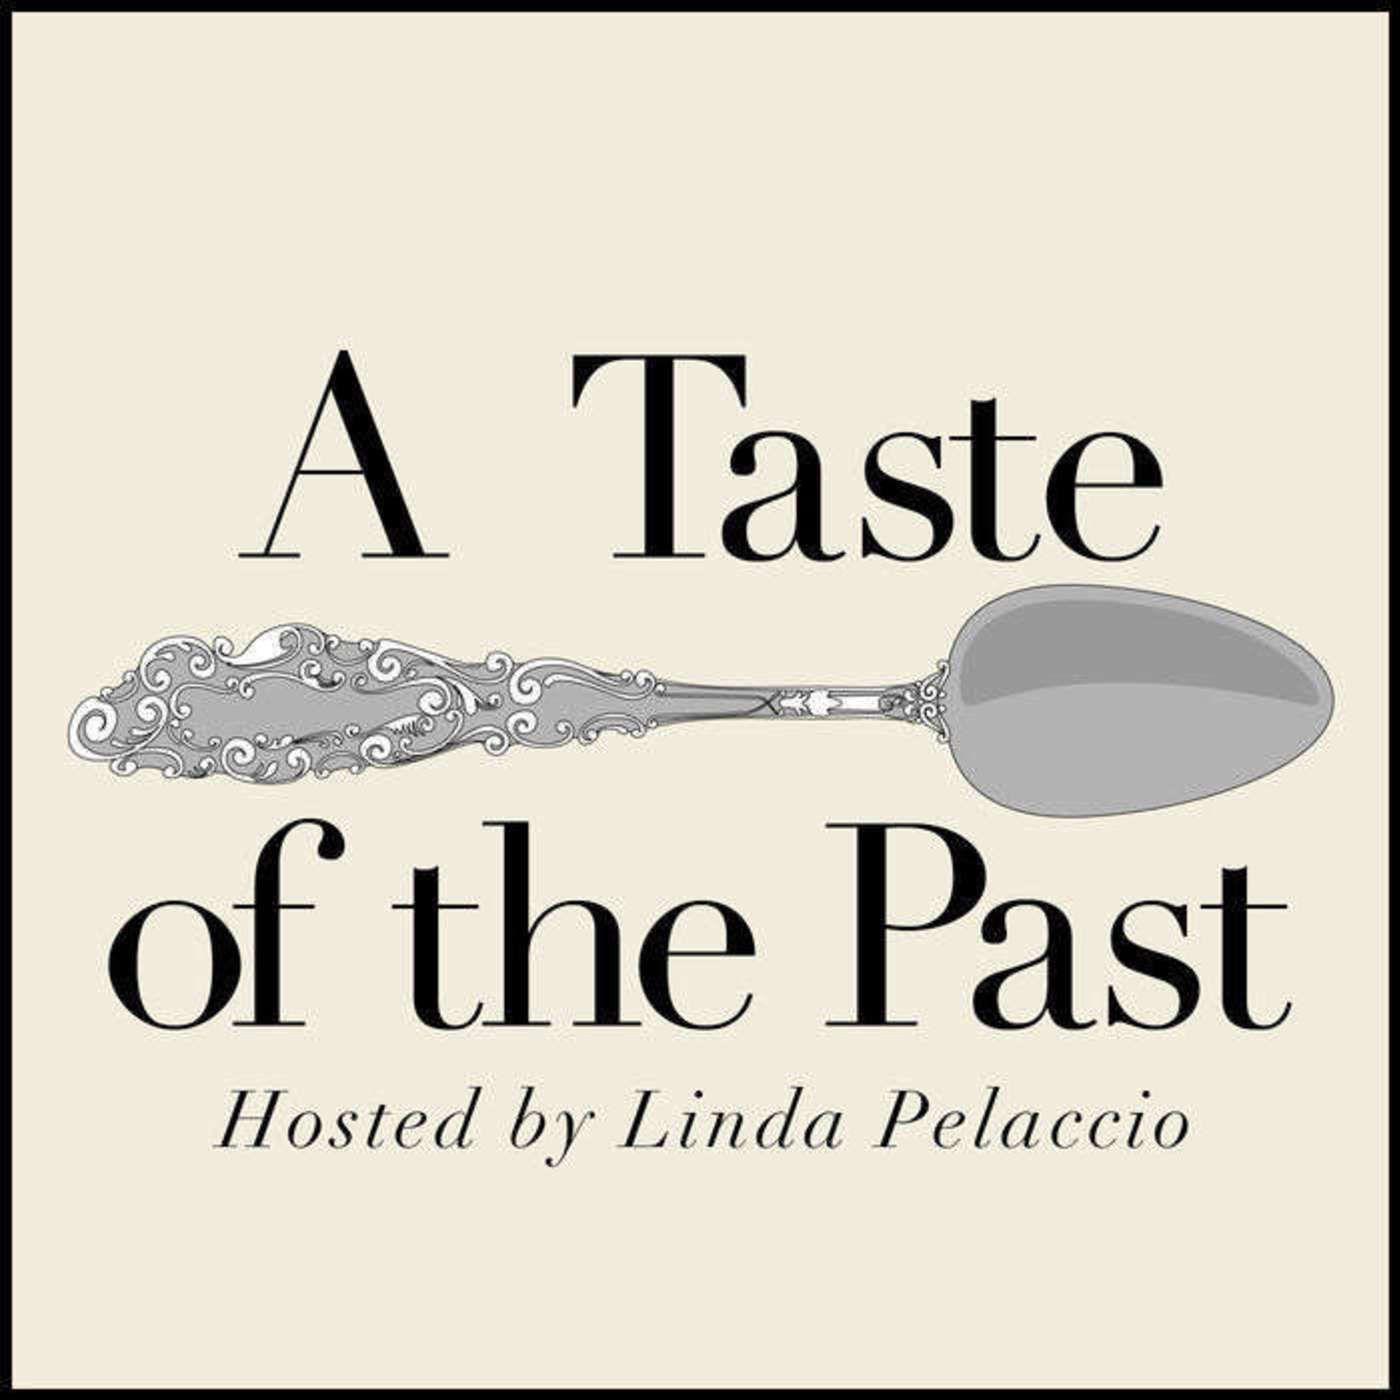 Episode 159: Gustavo Arellano & Taco History